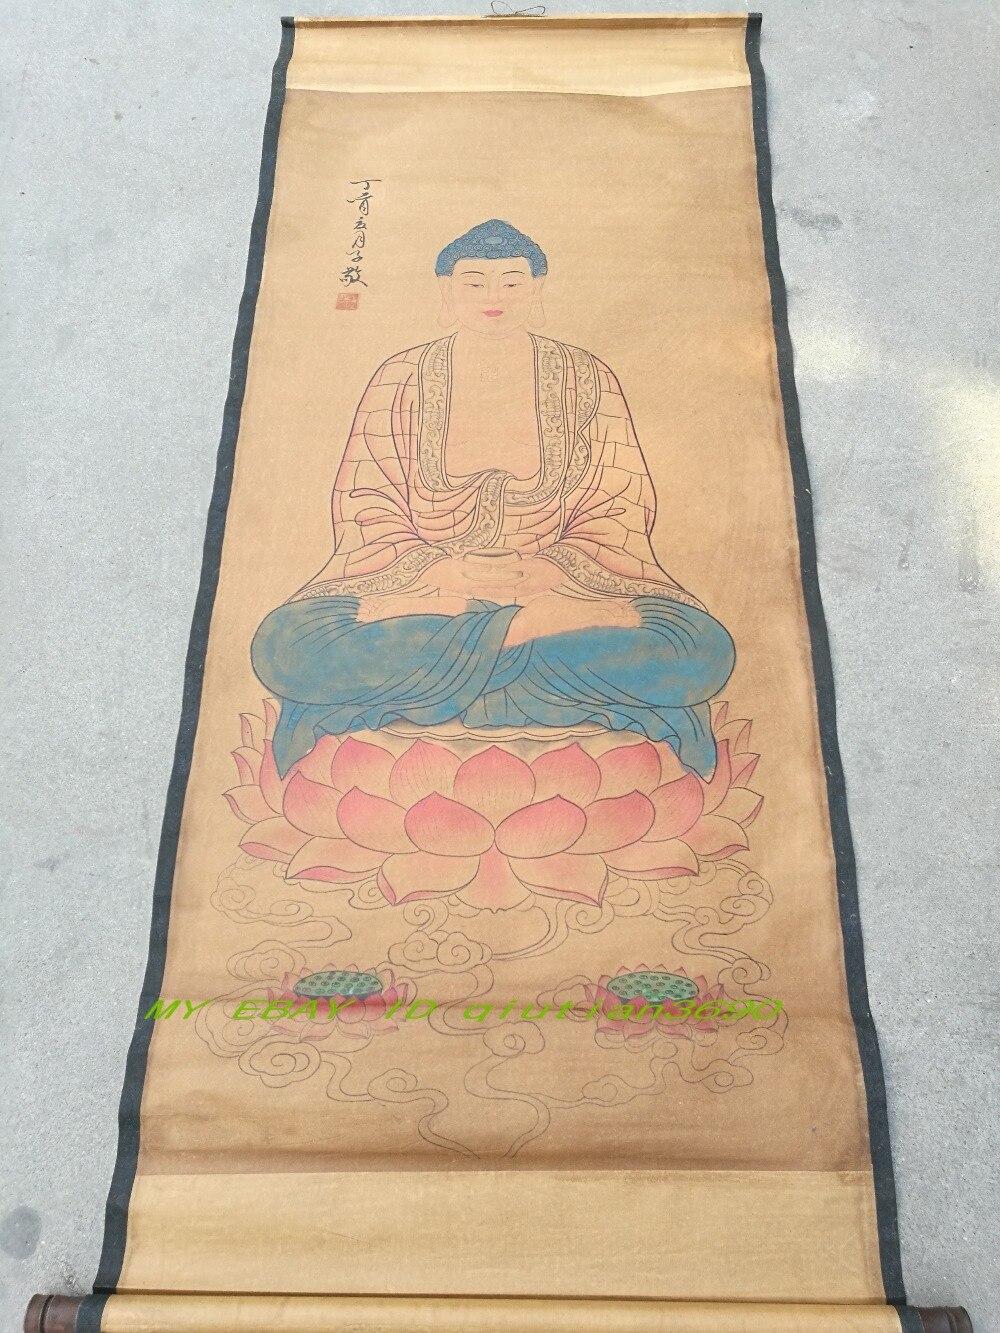 Chinea La Colecci N De Arte Popular De Desplazamiento Pintura